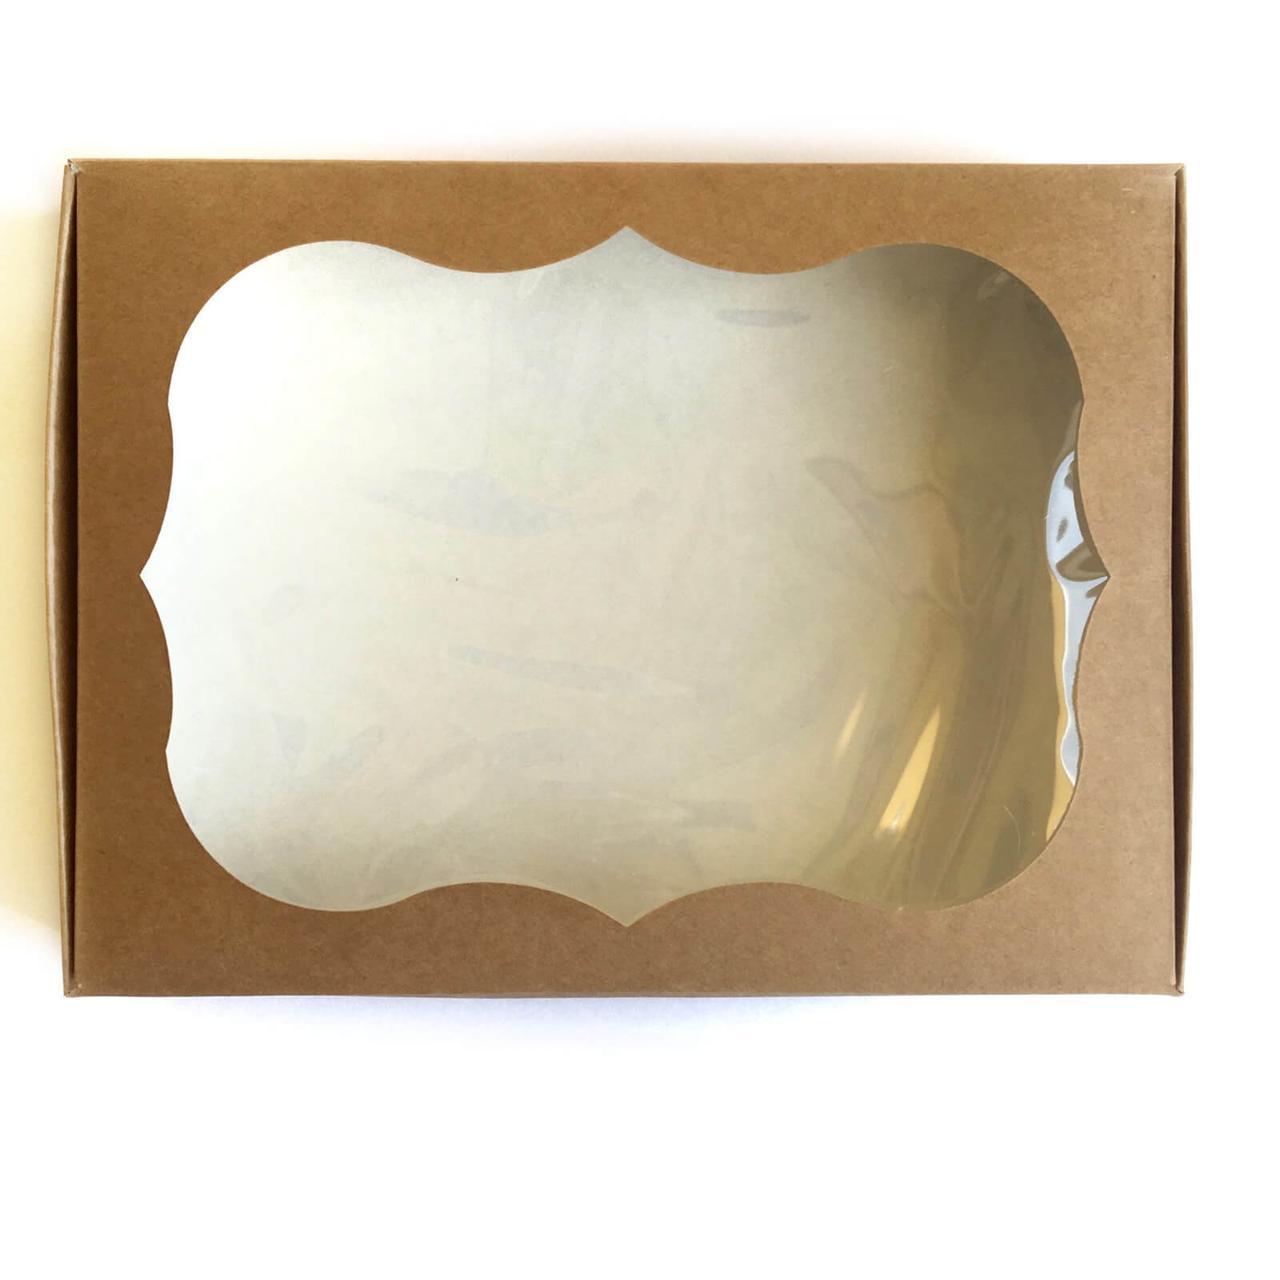 Коробка (крафт) картонная подарочная 200*150*30 мм для подарков с окошком